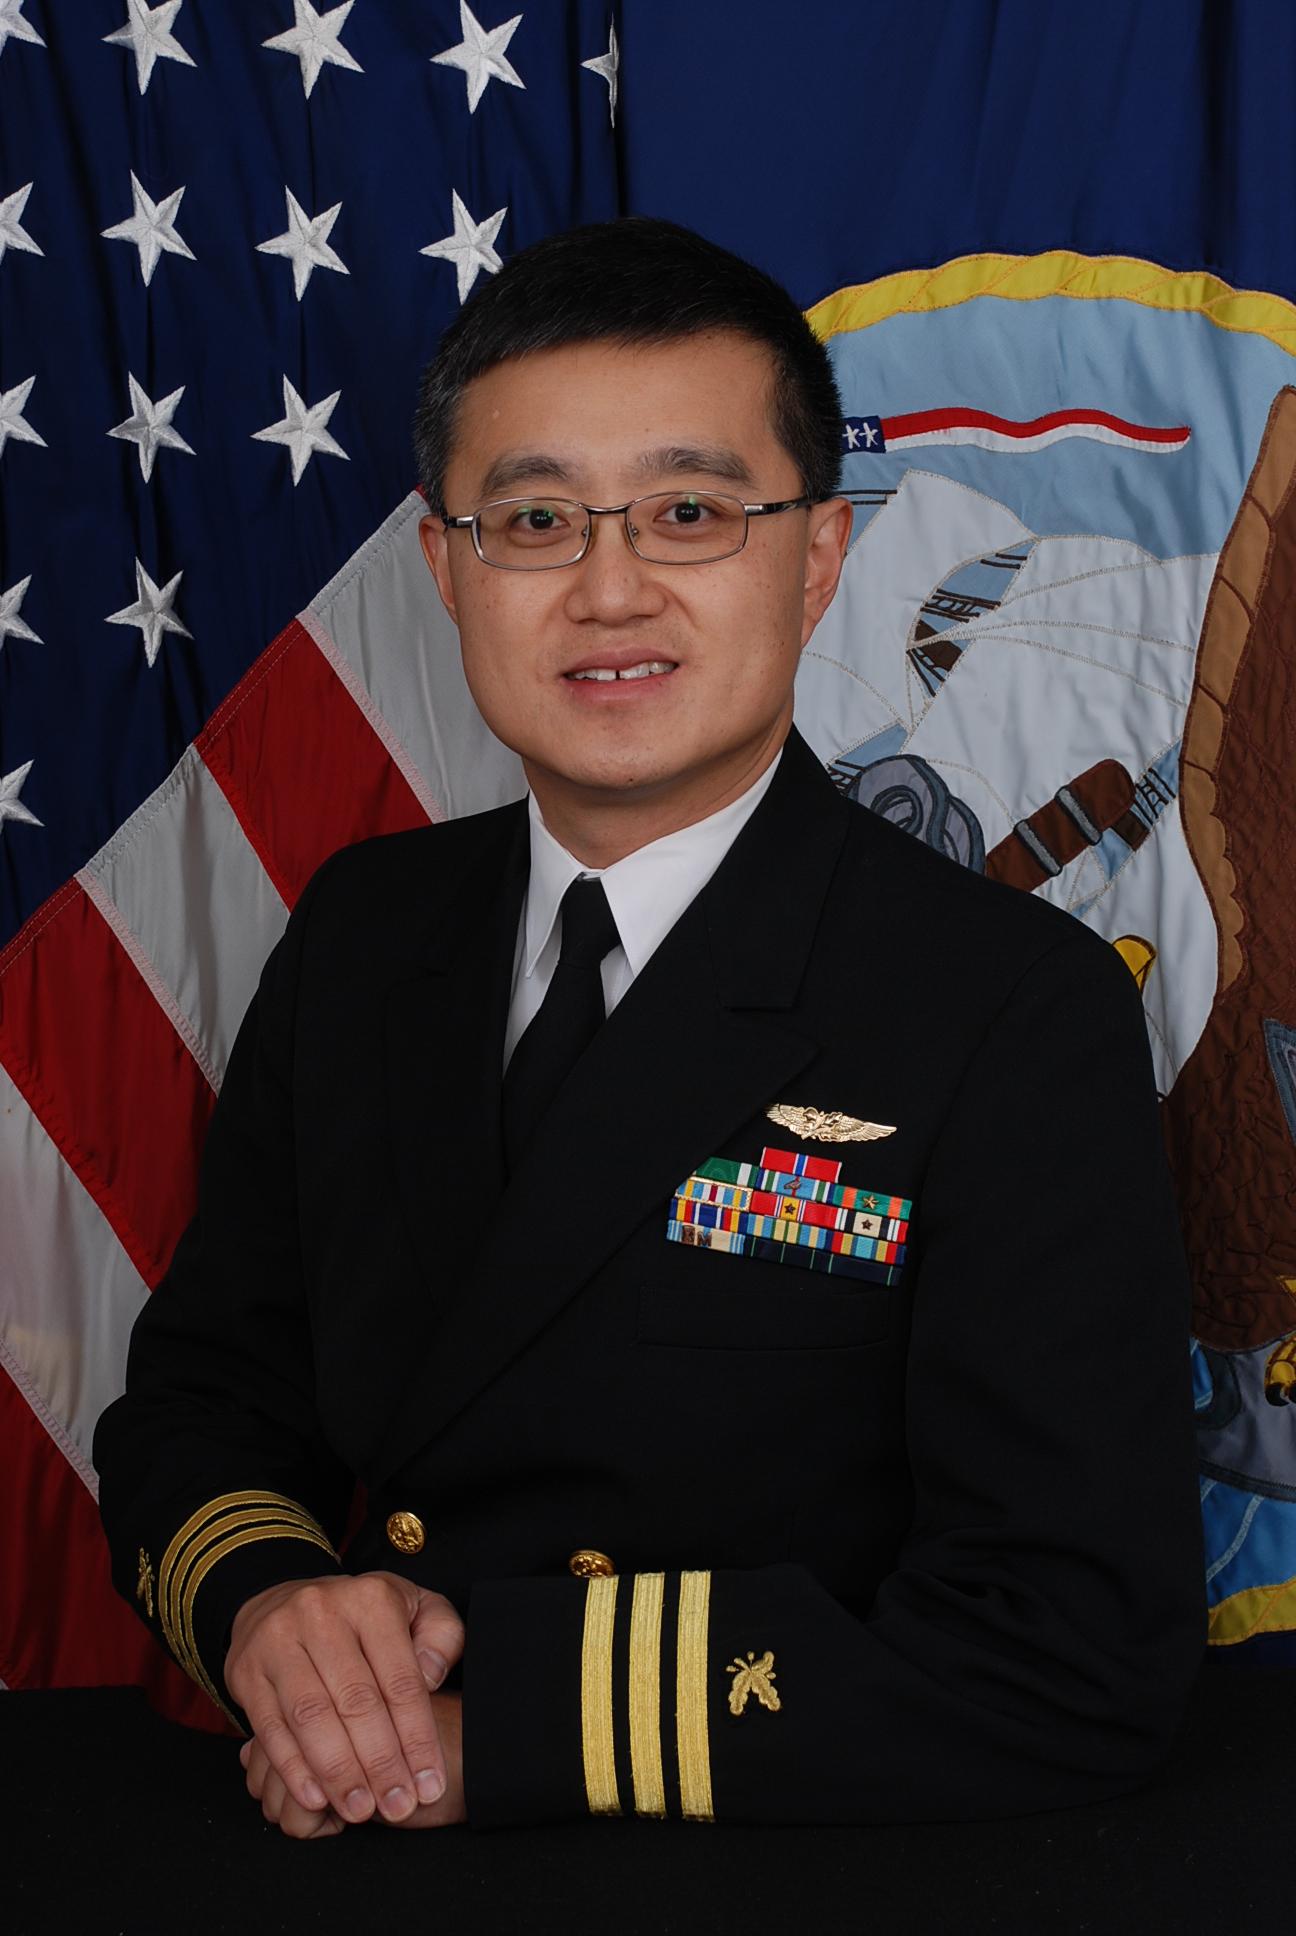 Navy HS_Dress Blues.JPG